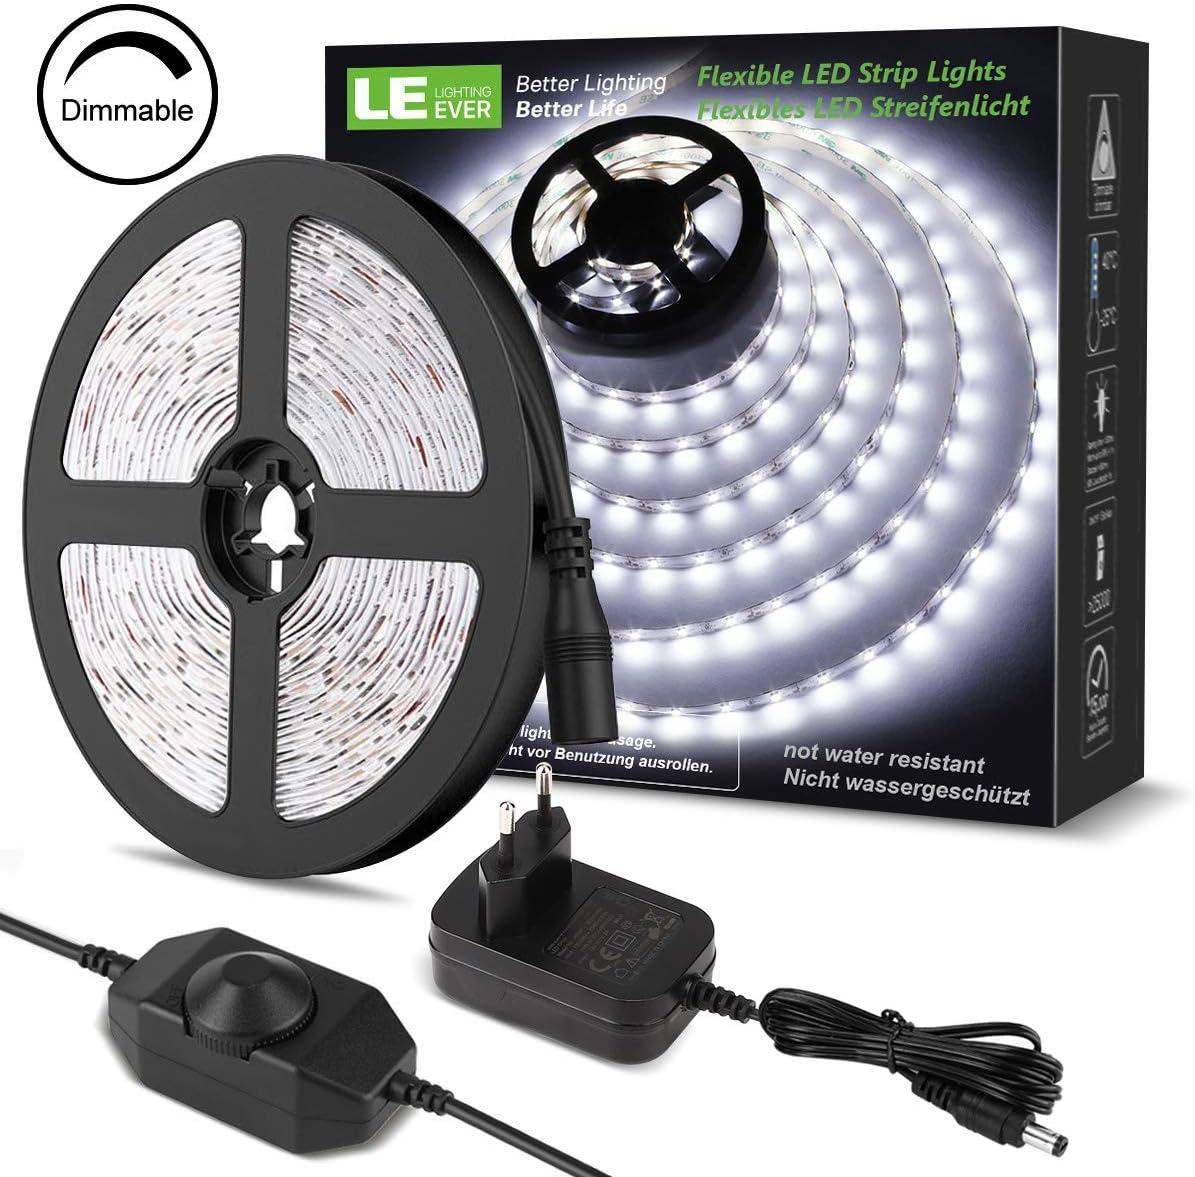 LE LED Luces de Tiras Regulables, 5M 1200lm, Blanco Frío 6000K, 300 LEDs, Enchufe en la tira de luz para gabinete, armario y más, Incluido Fuente de alimentación de 12V y regulador de intensidad